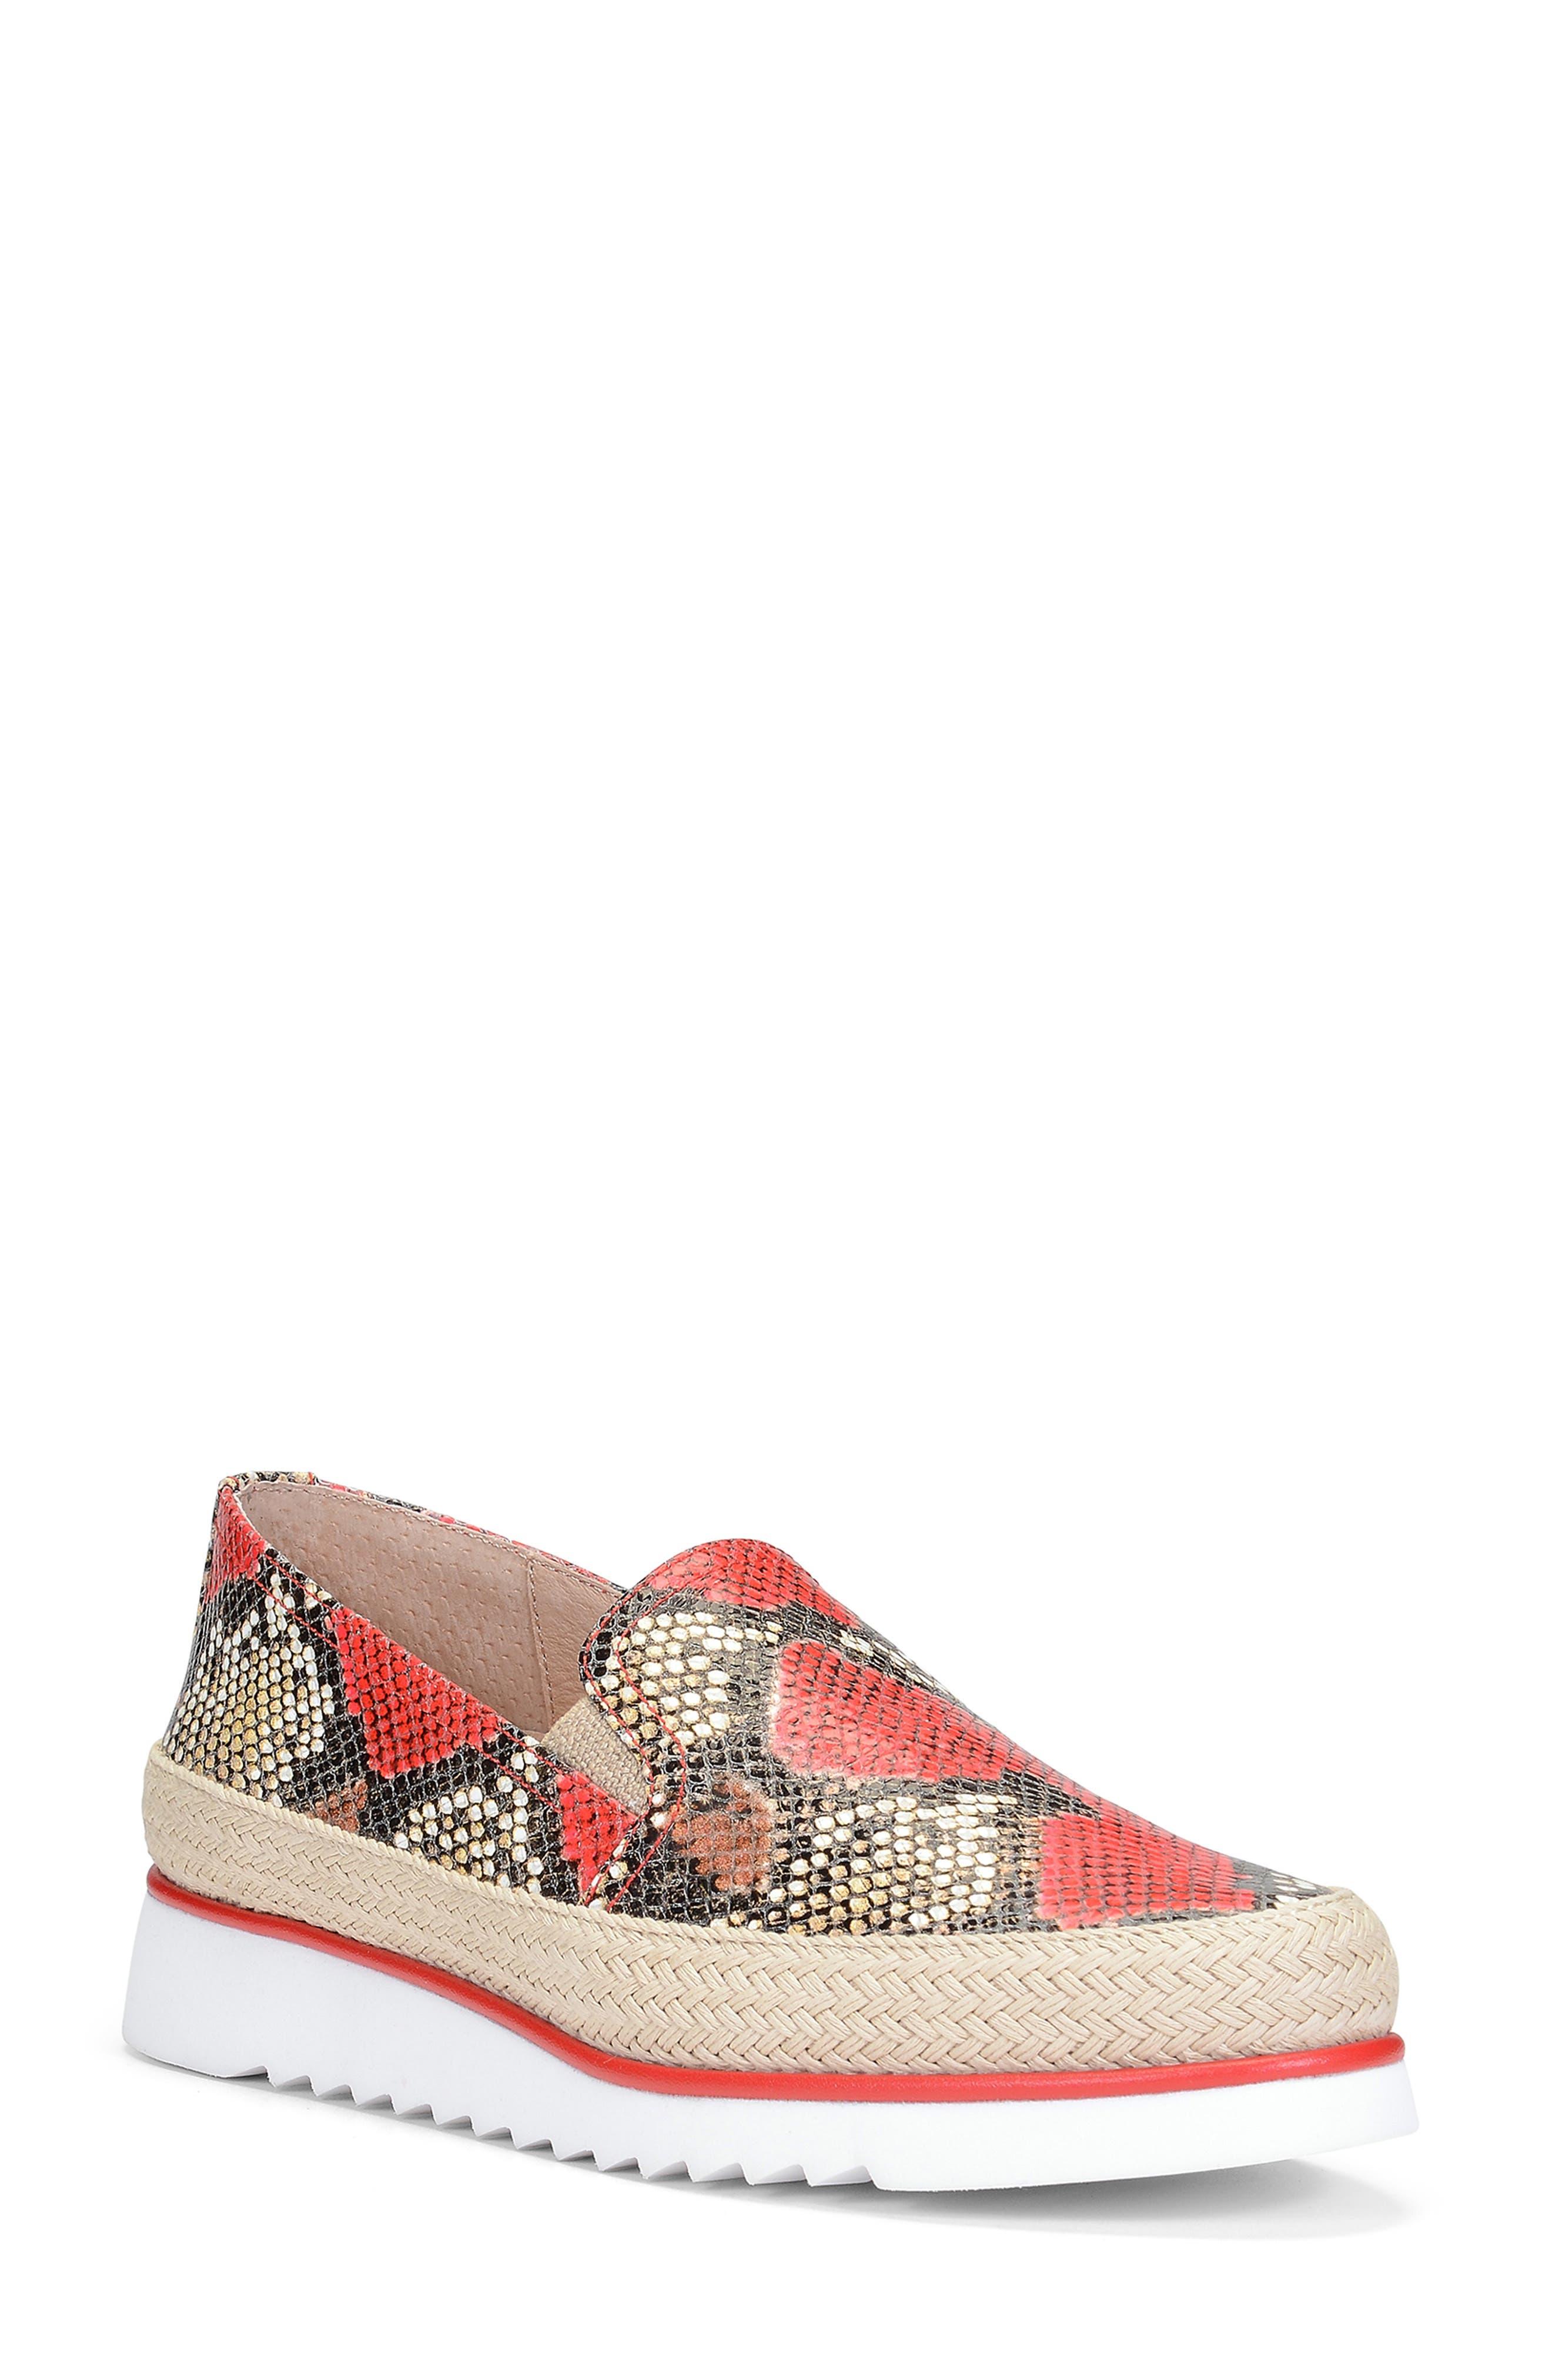 Women s Donald Pliner Finni Slip On Sneaker E5178